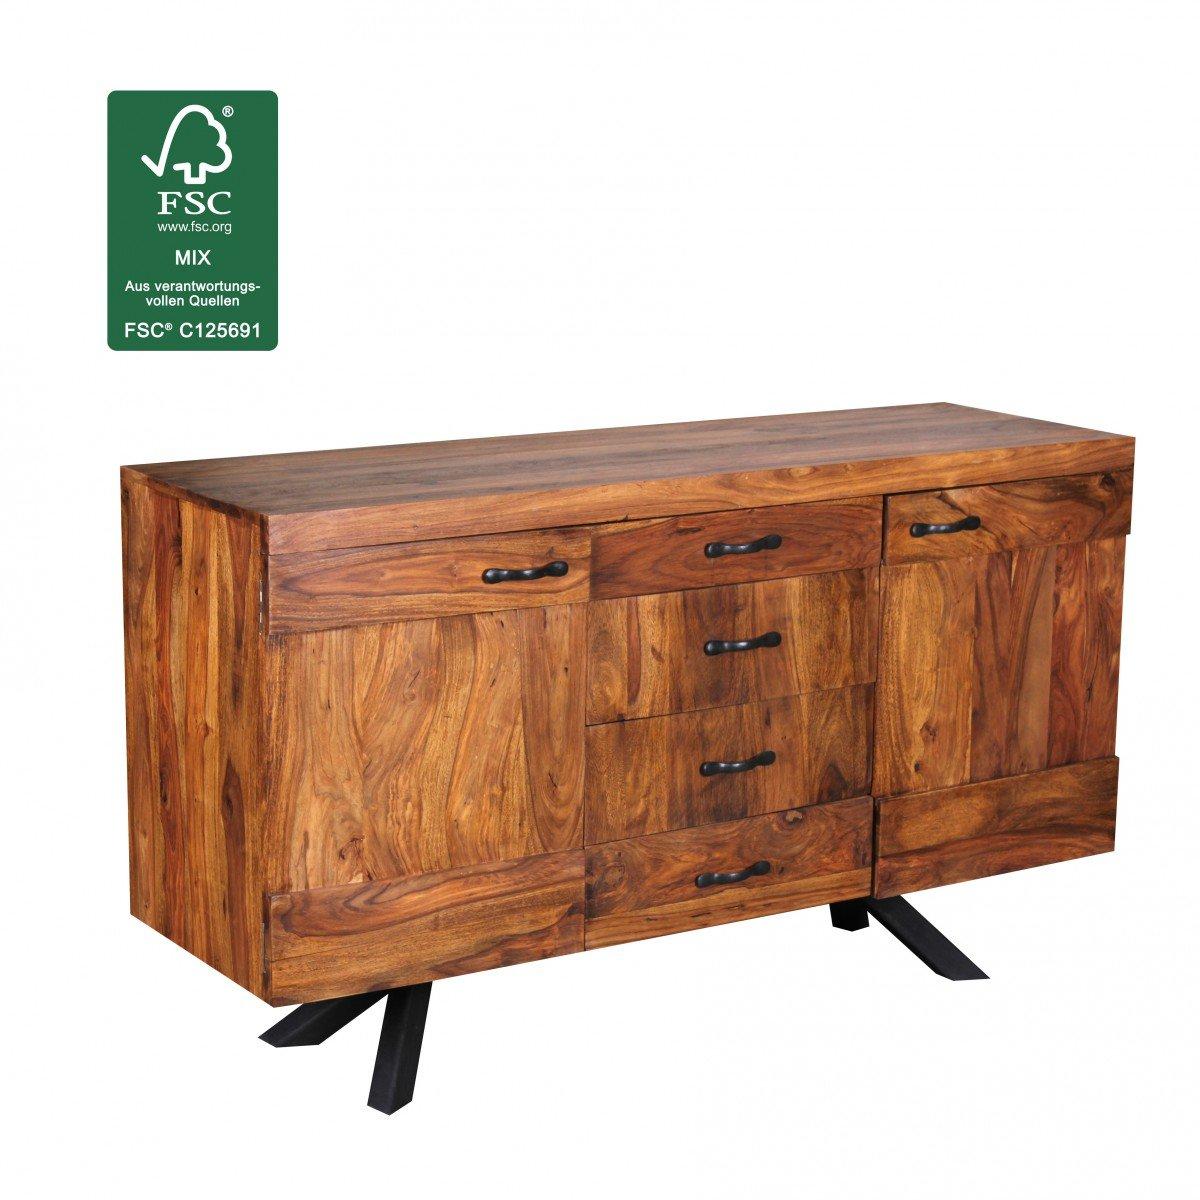 Wohnling WL1.366 Sheesham Massivholz Sideboard 145 x 45 x 82cm, Kommode, 2 Türen und 4 Schubladen